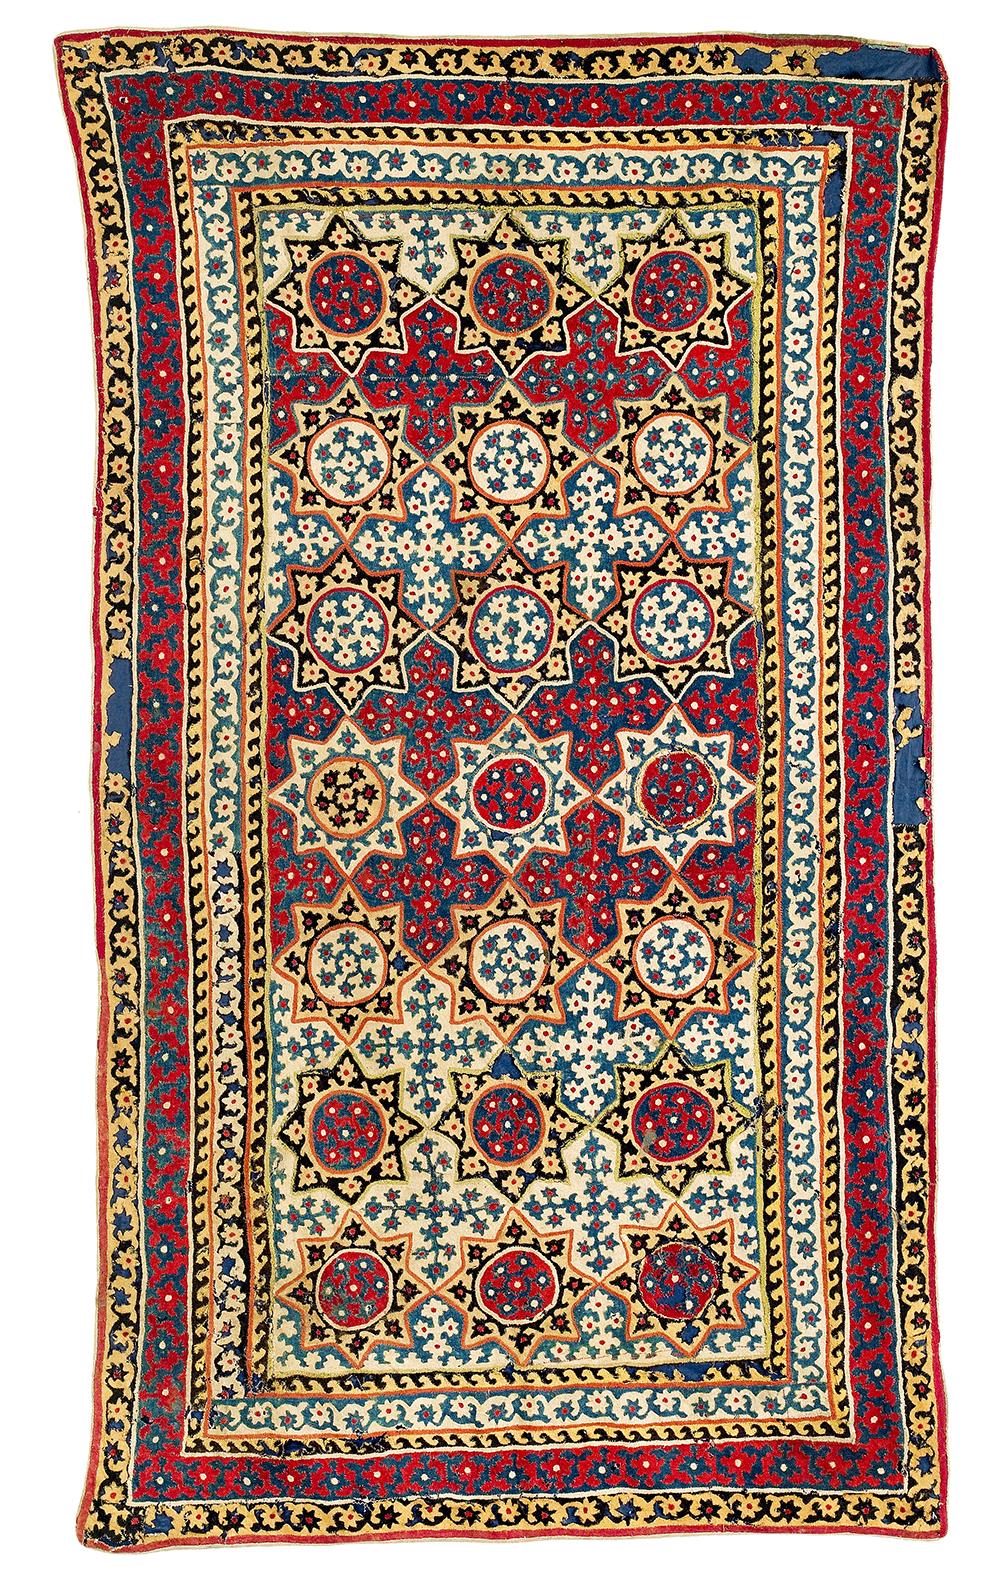 Lot 69, Felt Appliqué Cover, Central Asia, Uzbekistan, mid 18th century, 215 x 120 cm, estimate €1,500